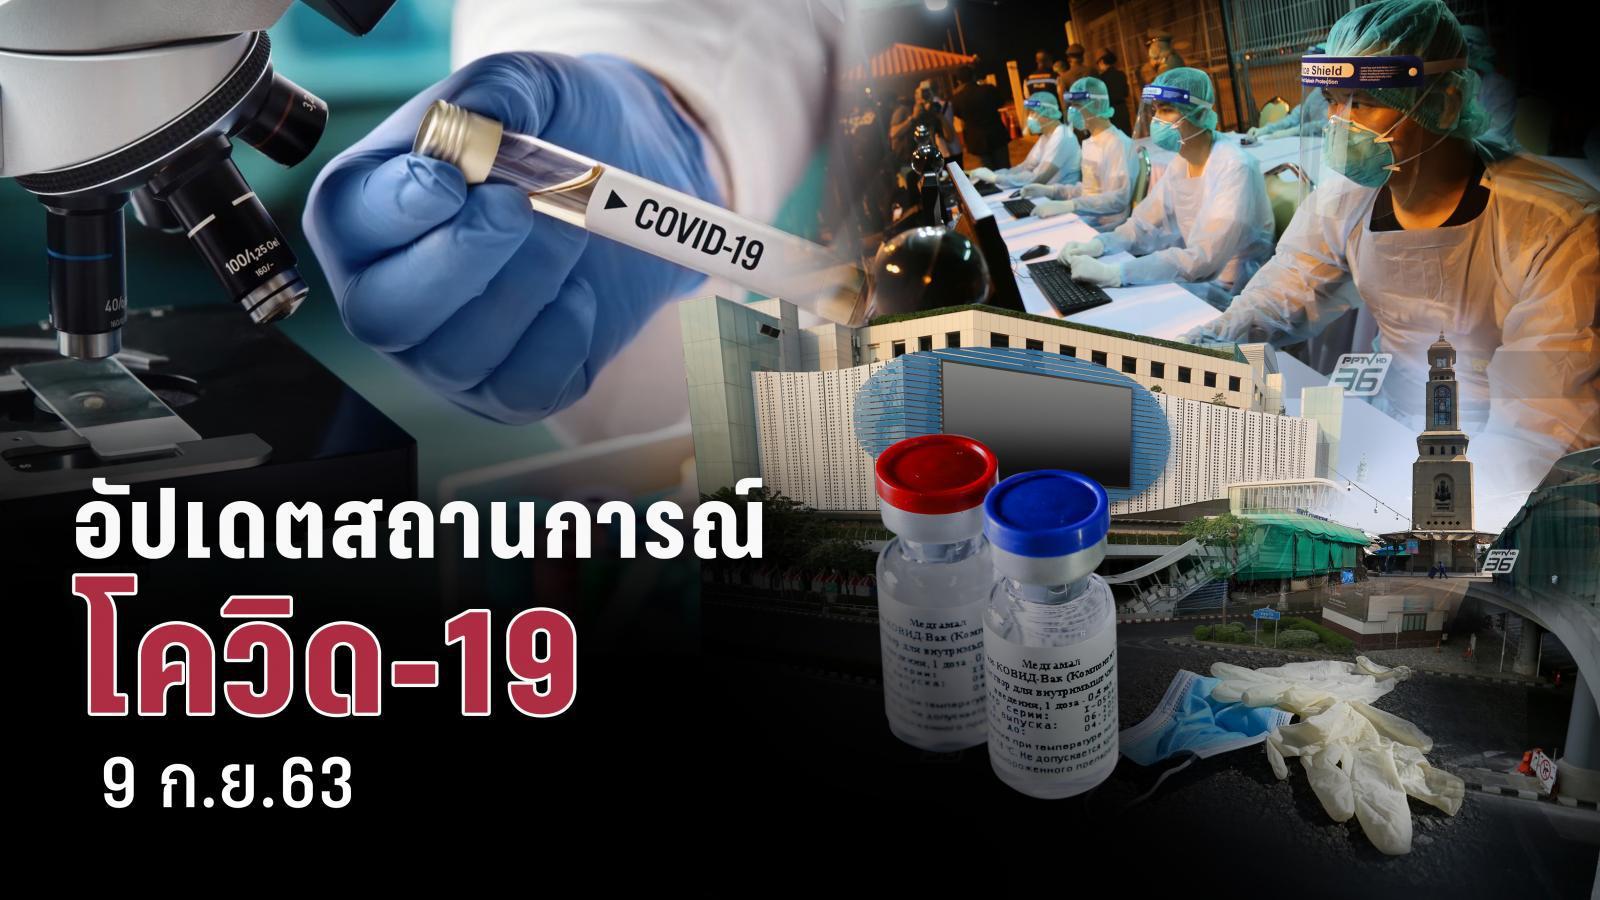 อัปเดต สถานการณ์โควิด-19 ทั้งในไทยและต่างประเทศทั่วโลก 9 ก.ย. 2563